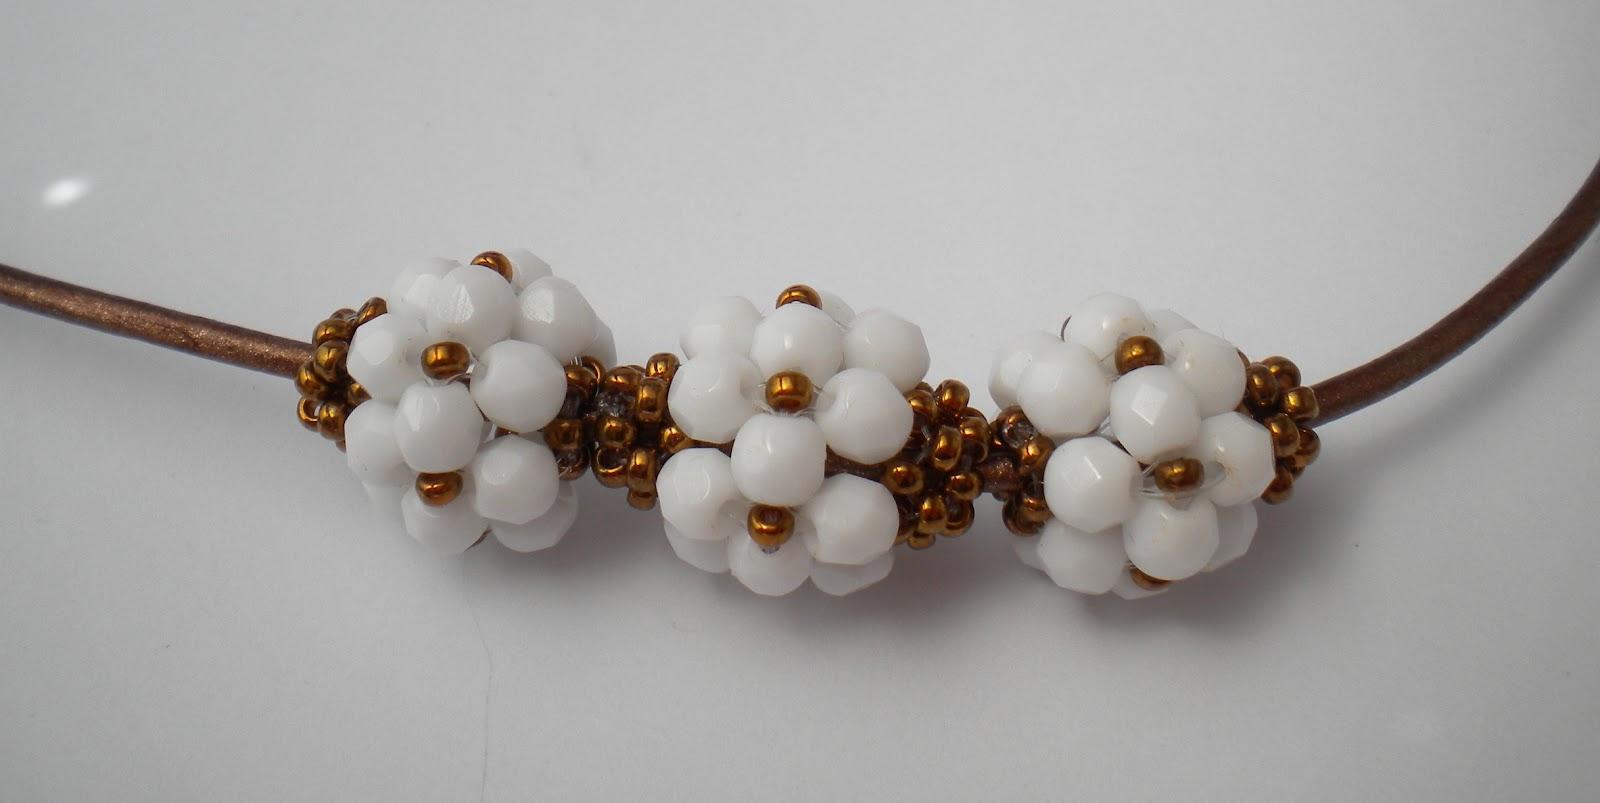 Conjunto en blanco y bronce, con las bolitas Virginia y el anillo inspirado en el Malice.